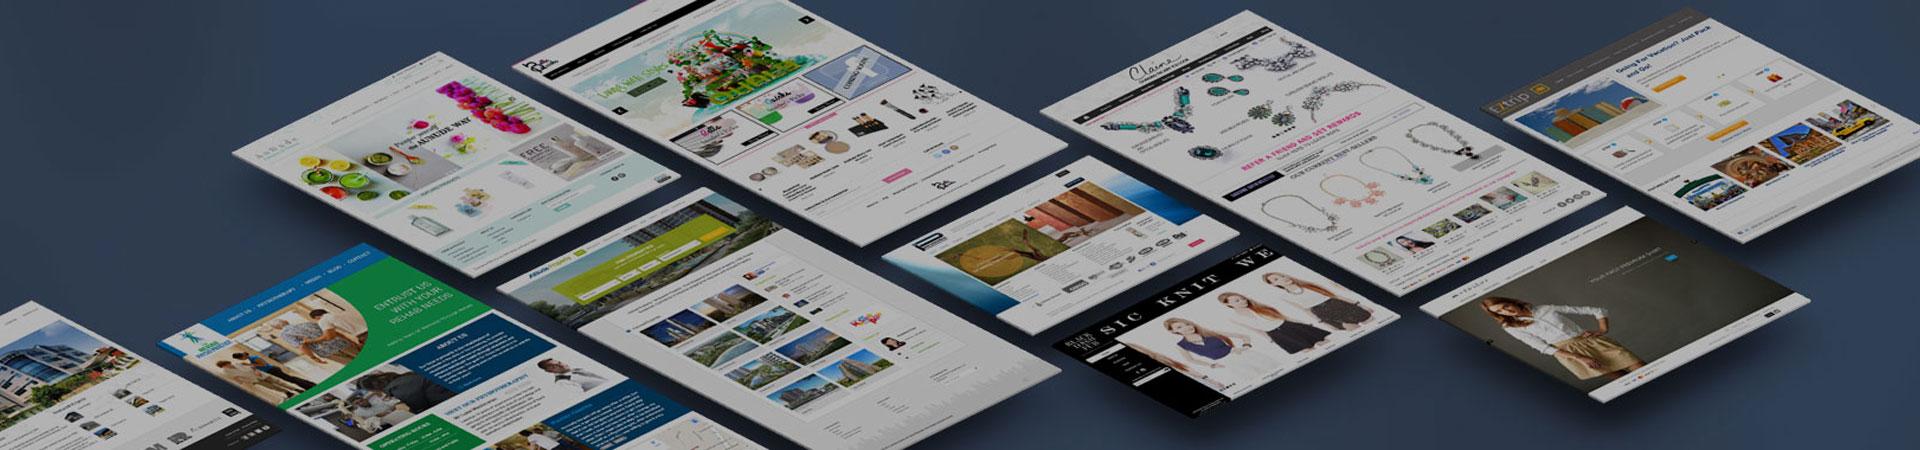 Website Design Singapore - Kumari Nahappan